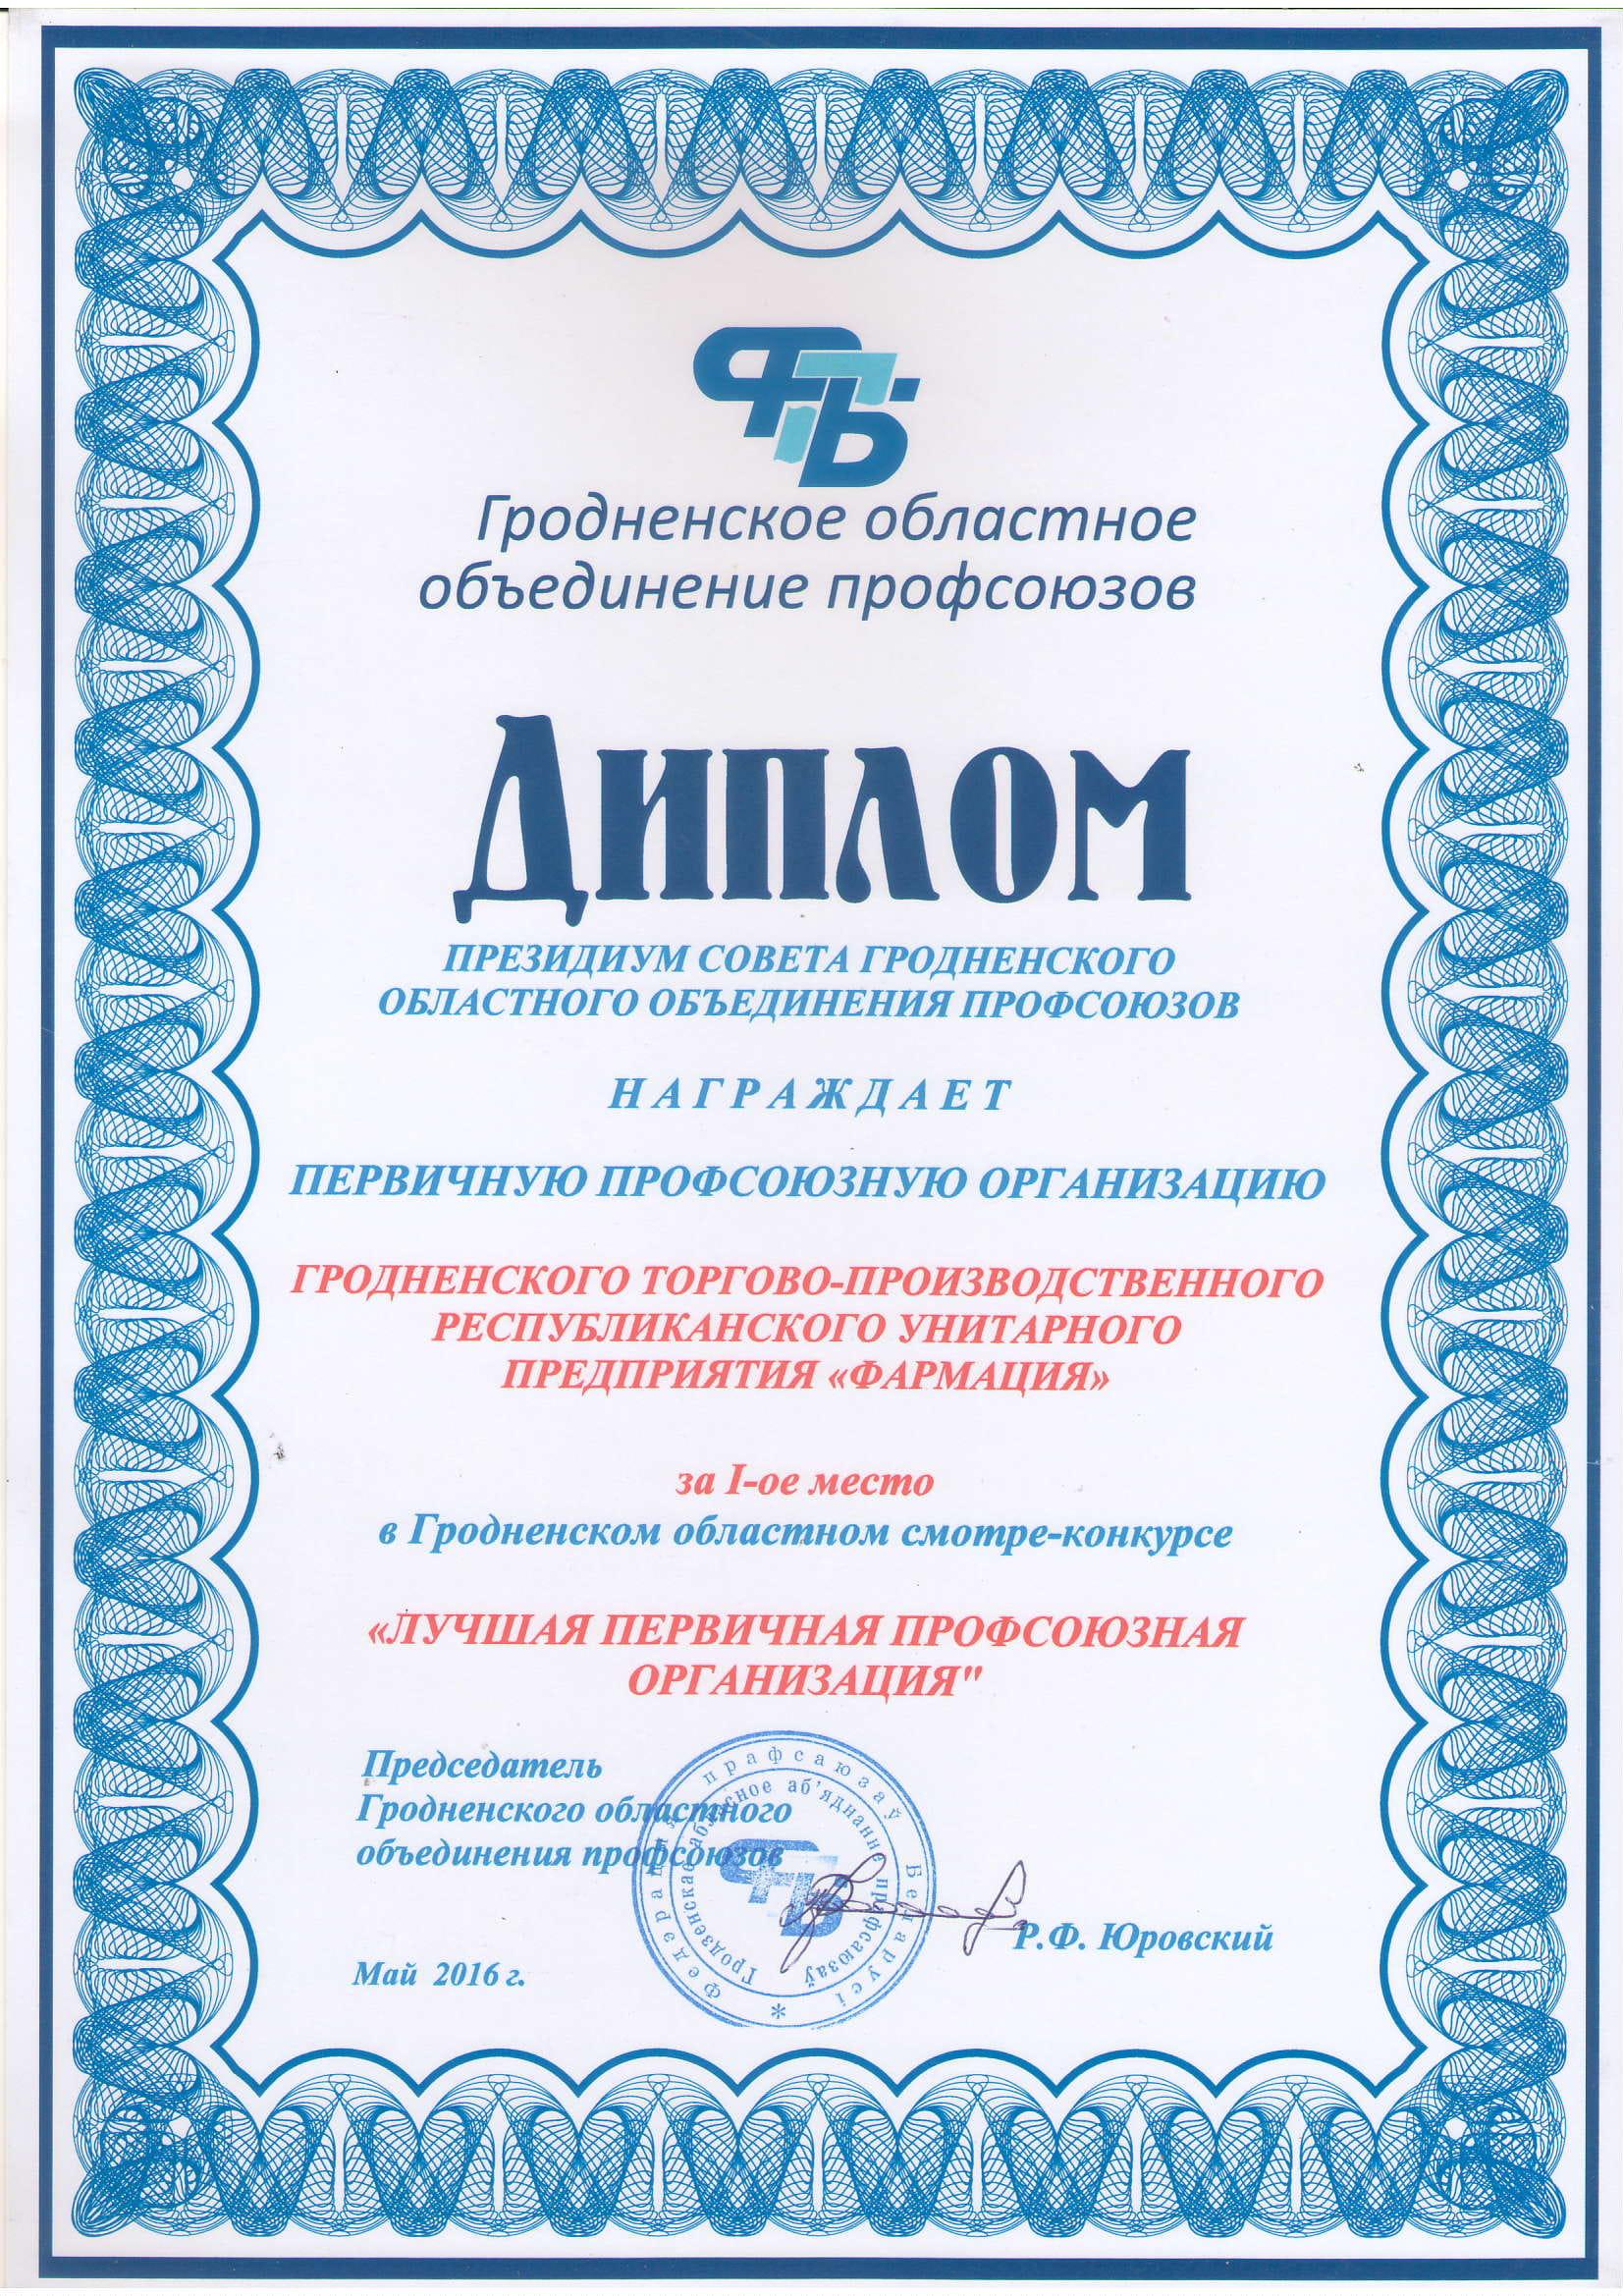 ППО 1 место 2016-1